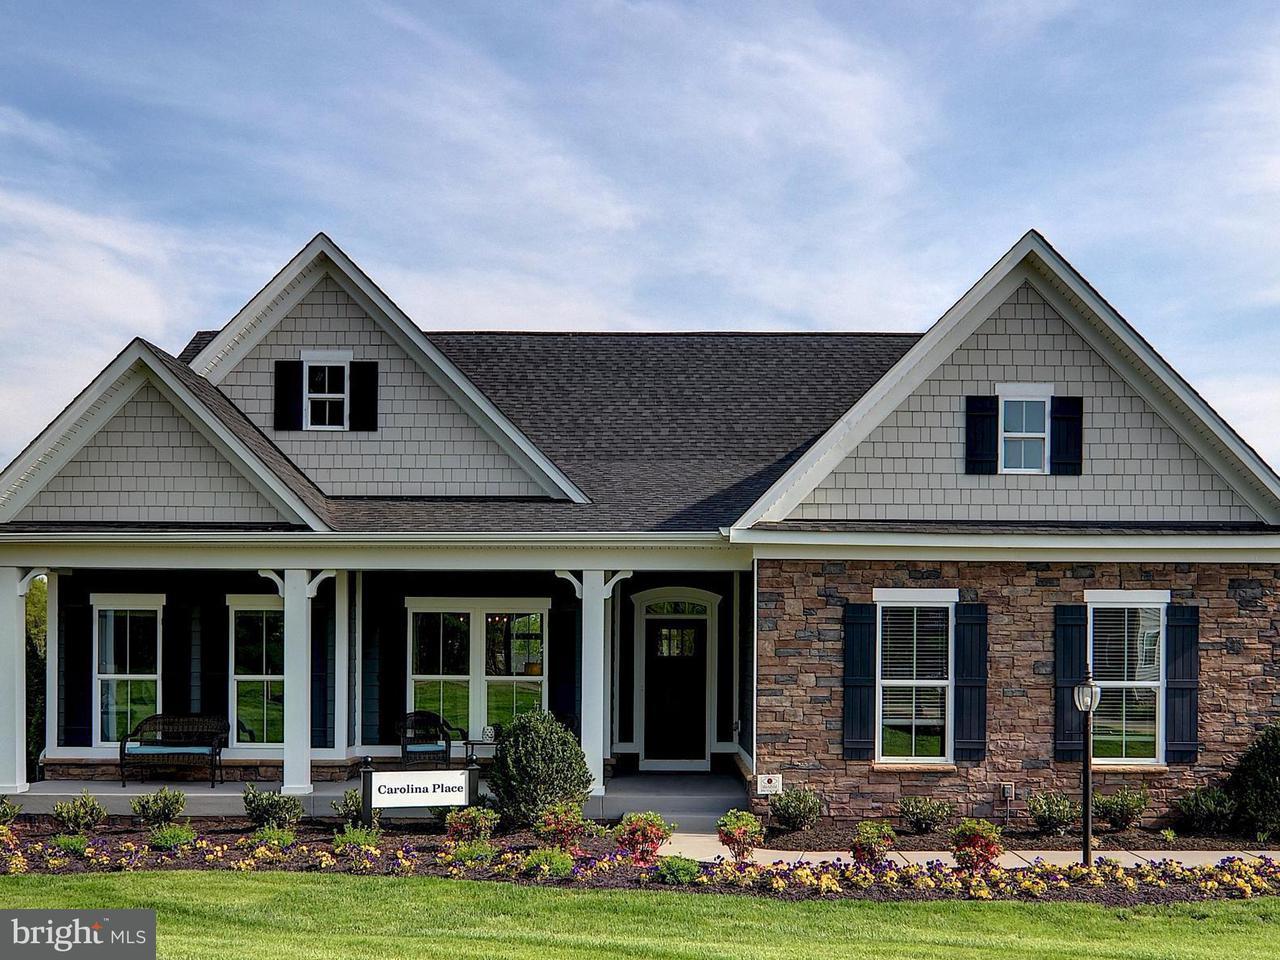 Частный односемейный дом для того Продажа на 1 COPPER BEECH Road 1 COPPER BEECH Road York, Пенсильвания 17403 Соединенные Штаты